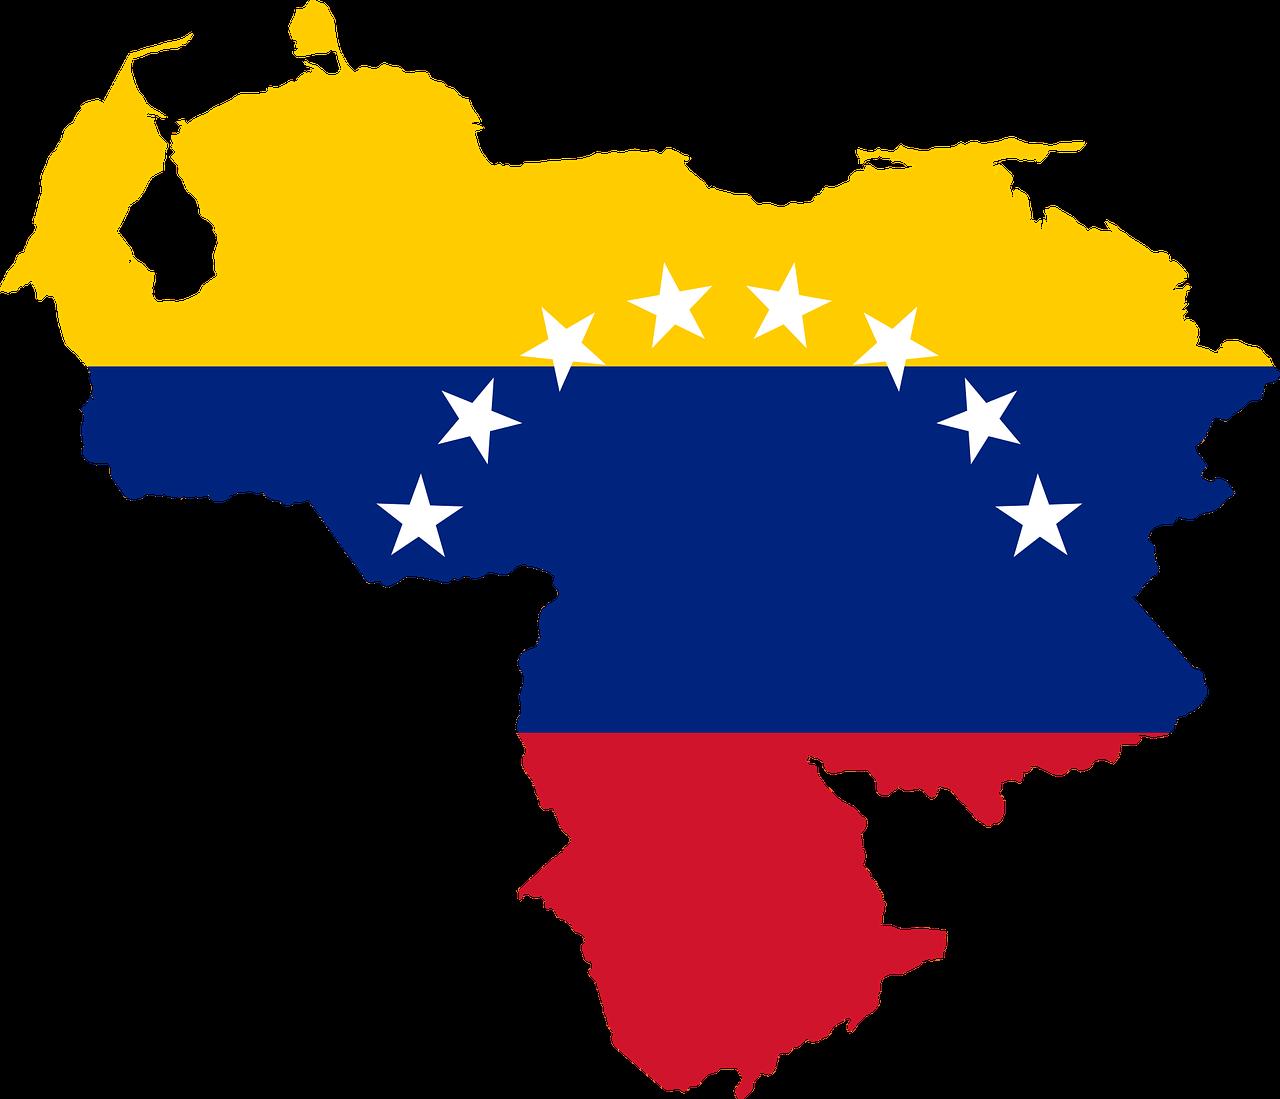 ベネズエラ全土で停電4日目、略奪や断水で市民に混乱広がる